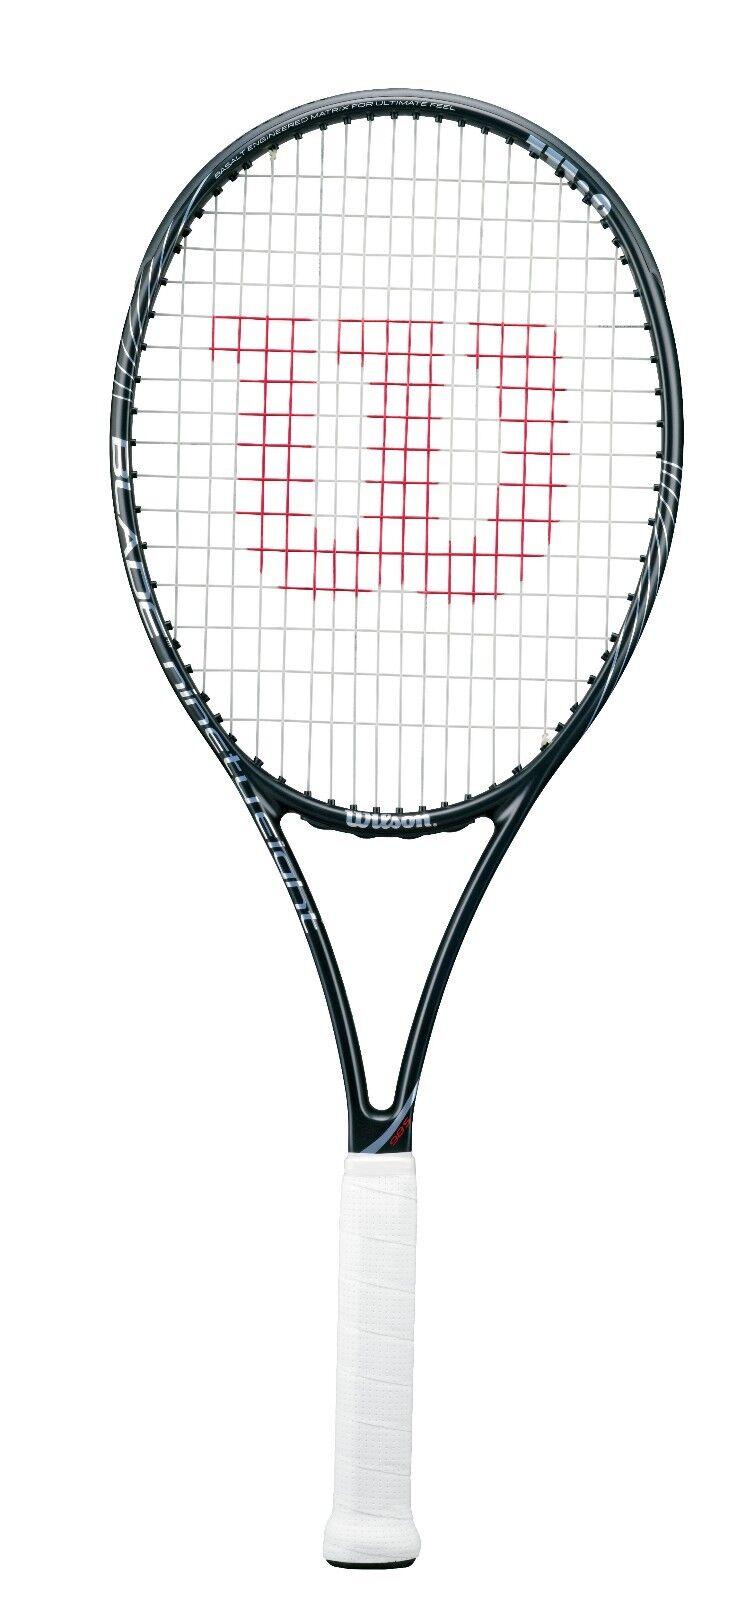 WILSON BLX BLADE 98S SPIN EFFECT 2013 tennis racquet - 4 5 8  -Rg